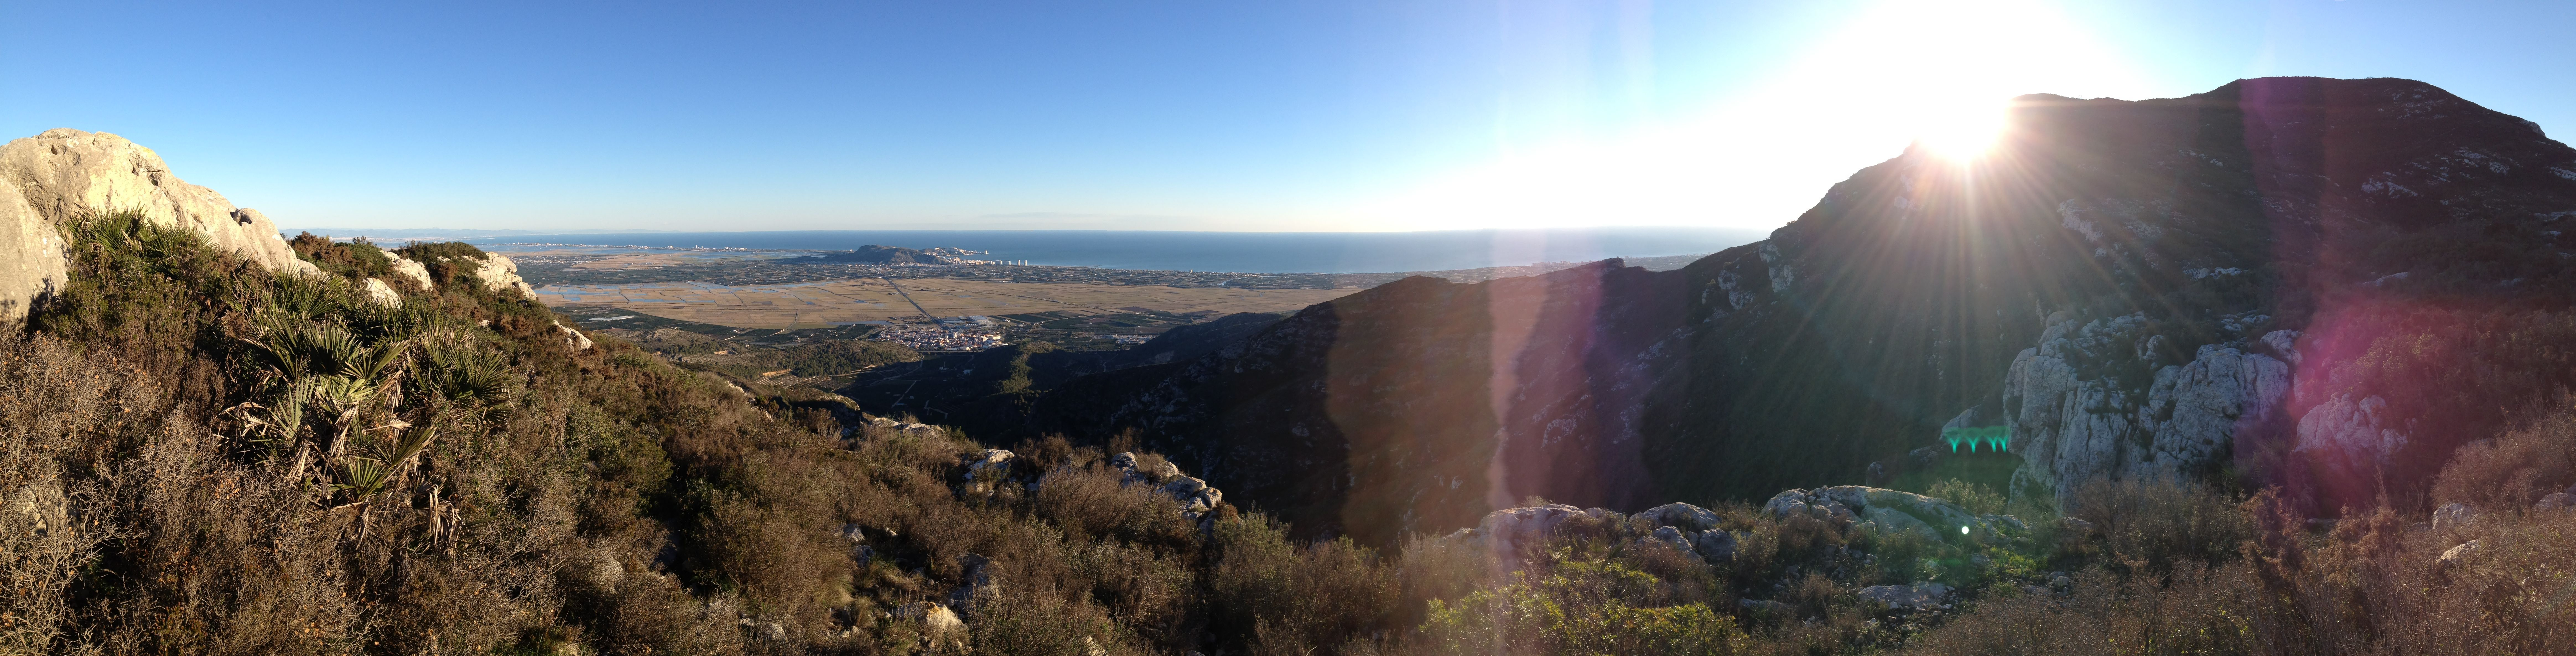 El Marssalari vist des de el Pic de la Mola (Favara, Valencia)